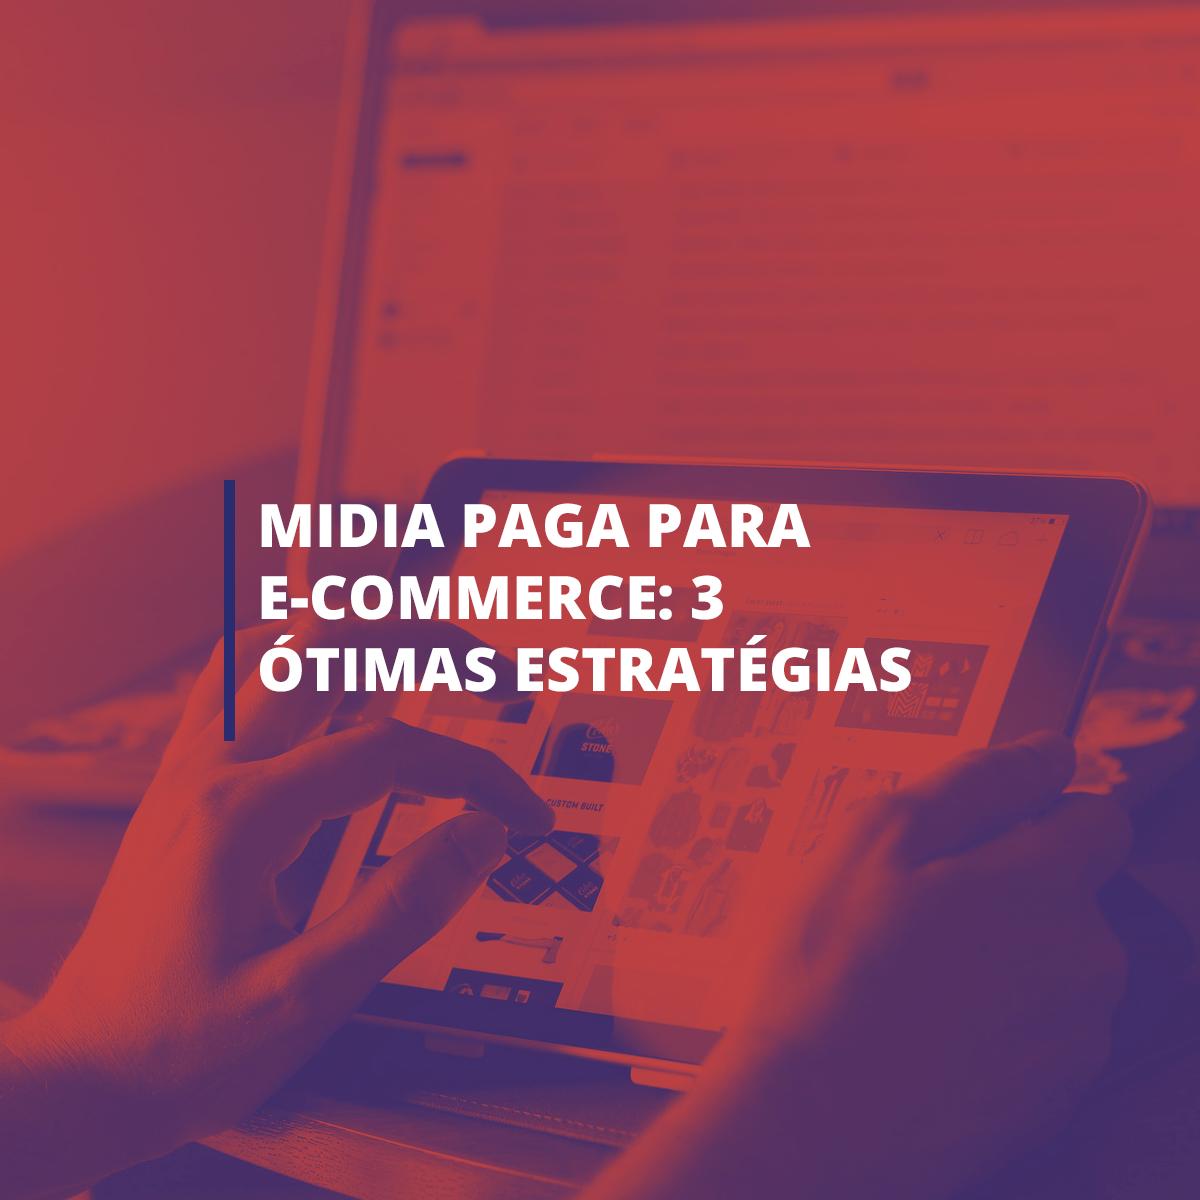 Mídia paga para e-commerce: 3 ótimas estratégias